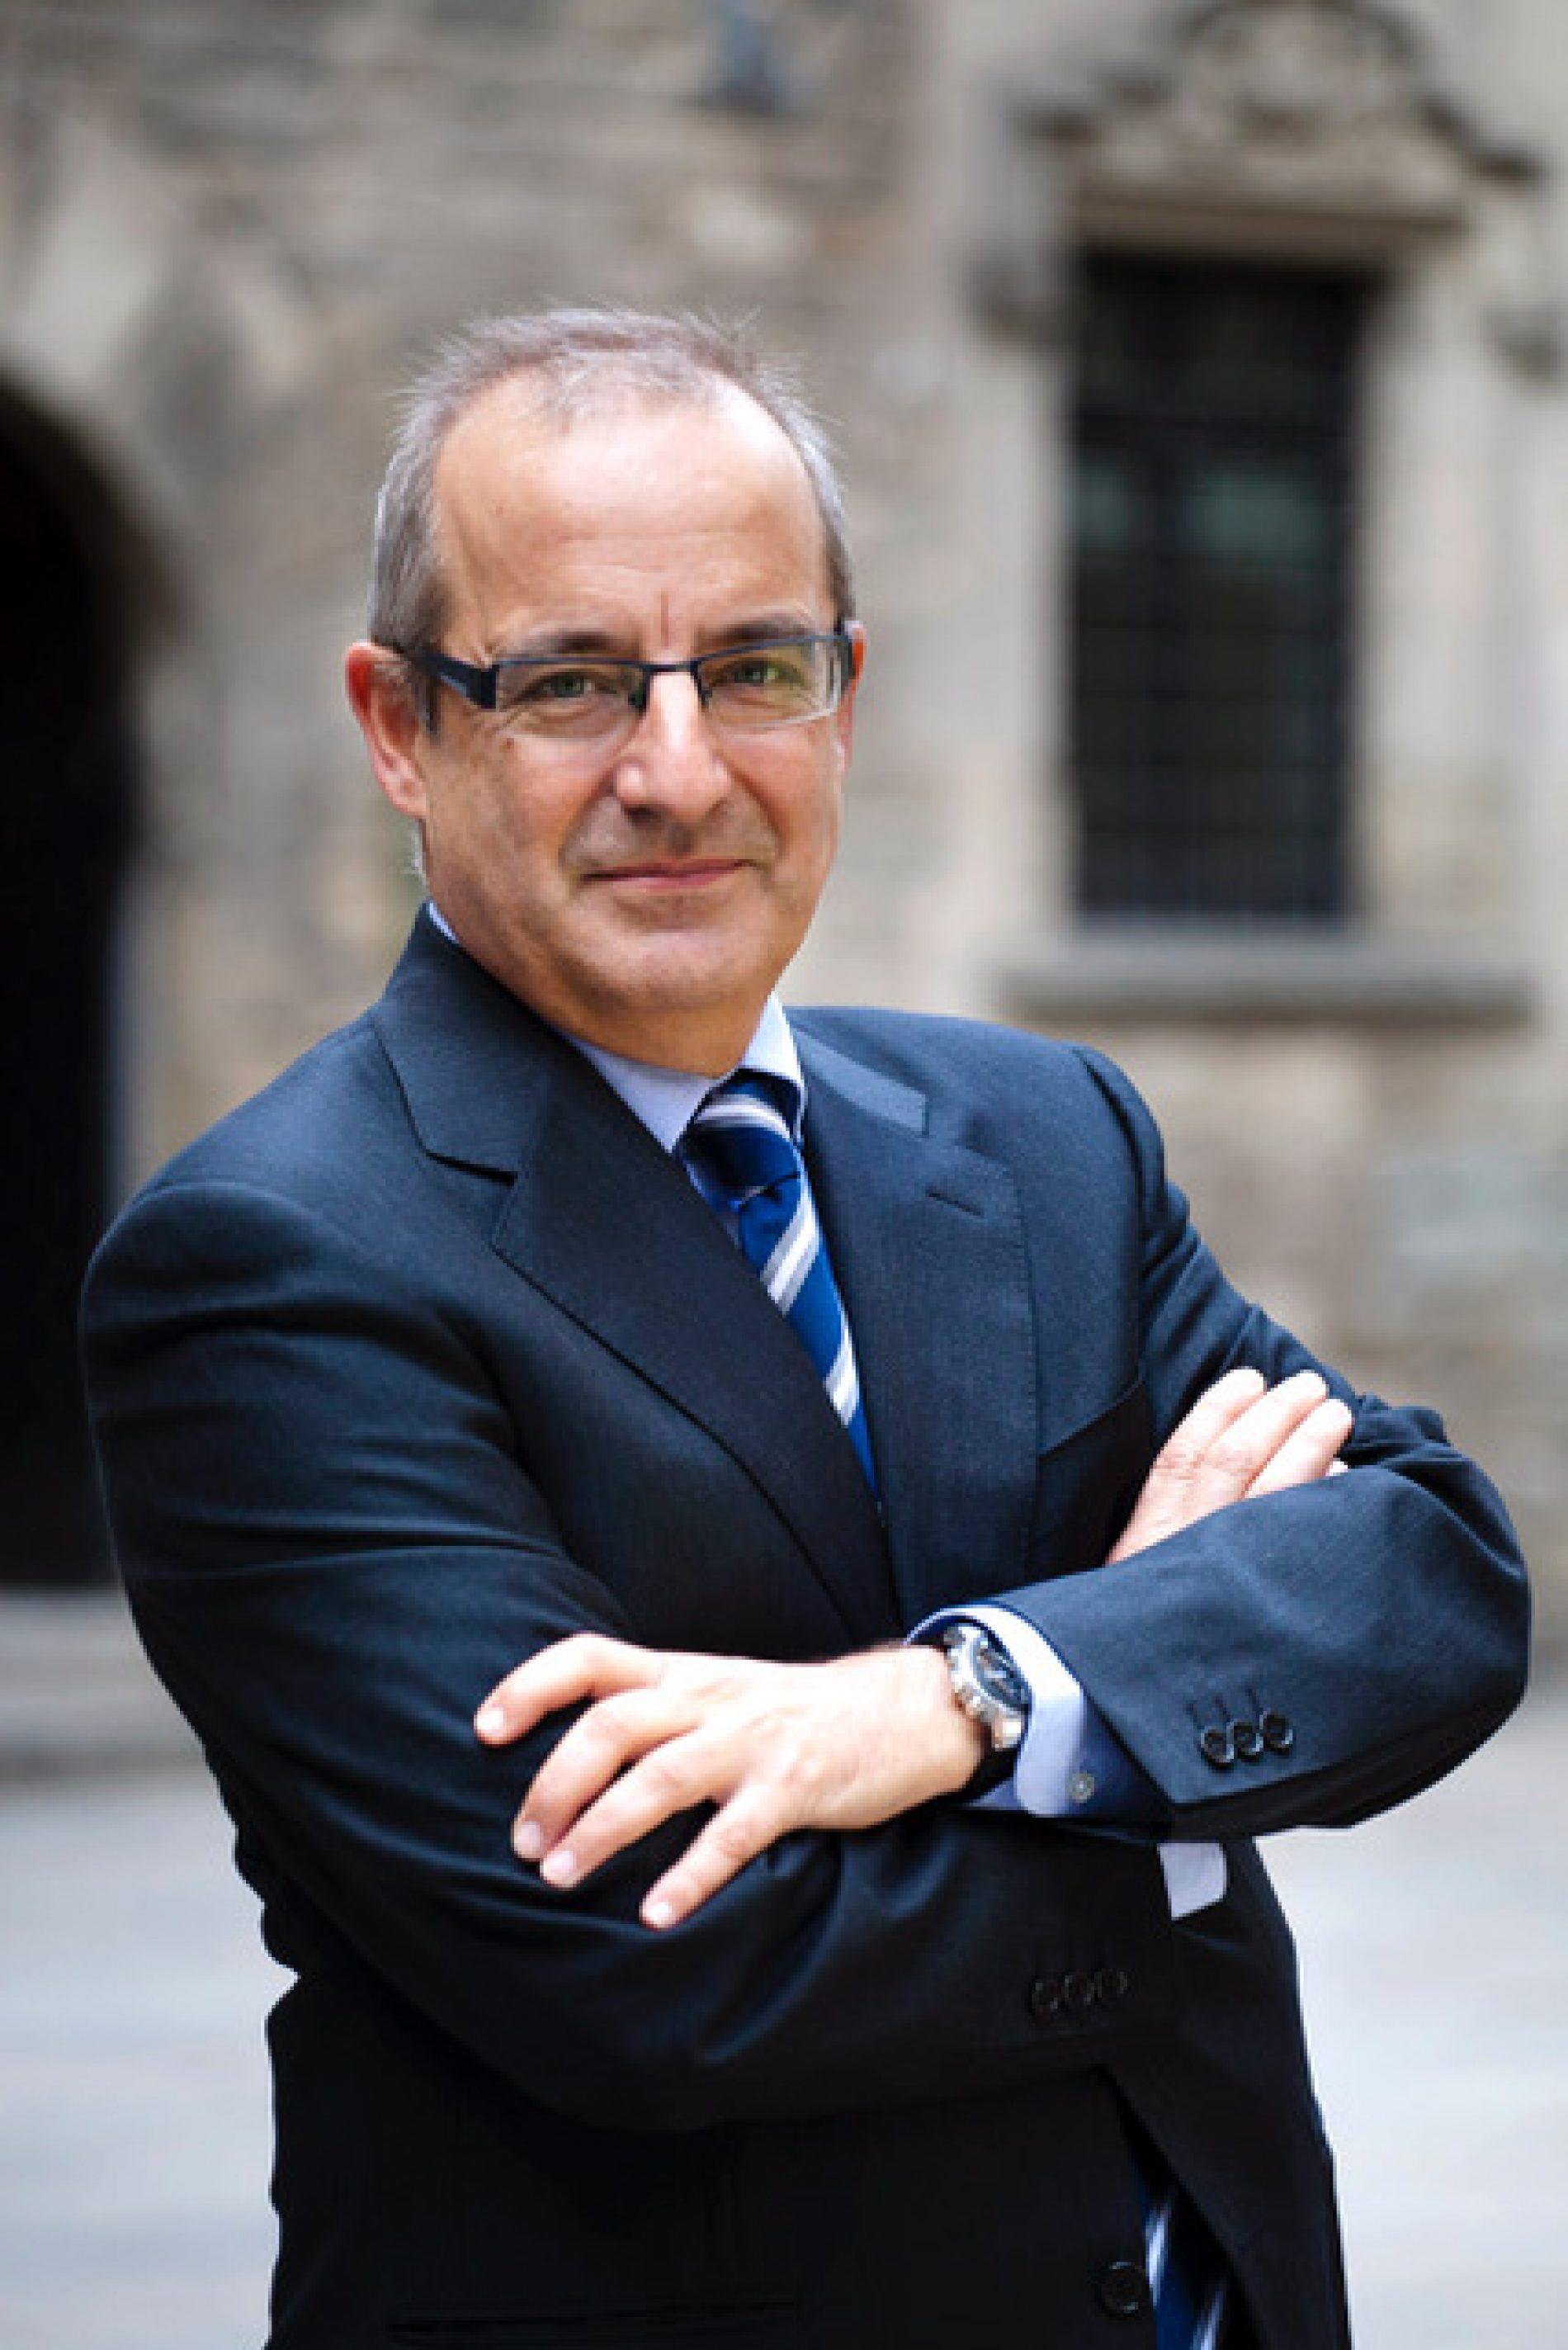 """[Entrevista] Joan Cavallé, director de Caixa d'Enginyers """"el context financer disruptiu afavorirà l'aparició de noves iniciatives de contingut social"""""""